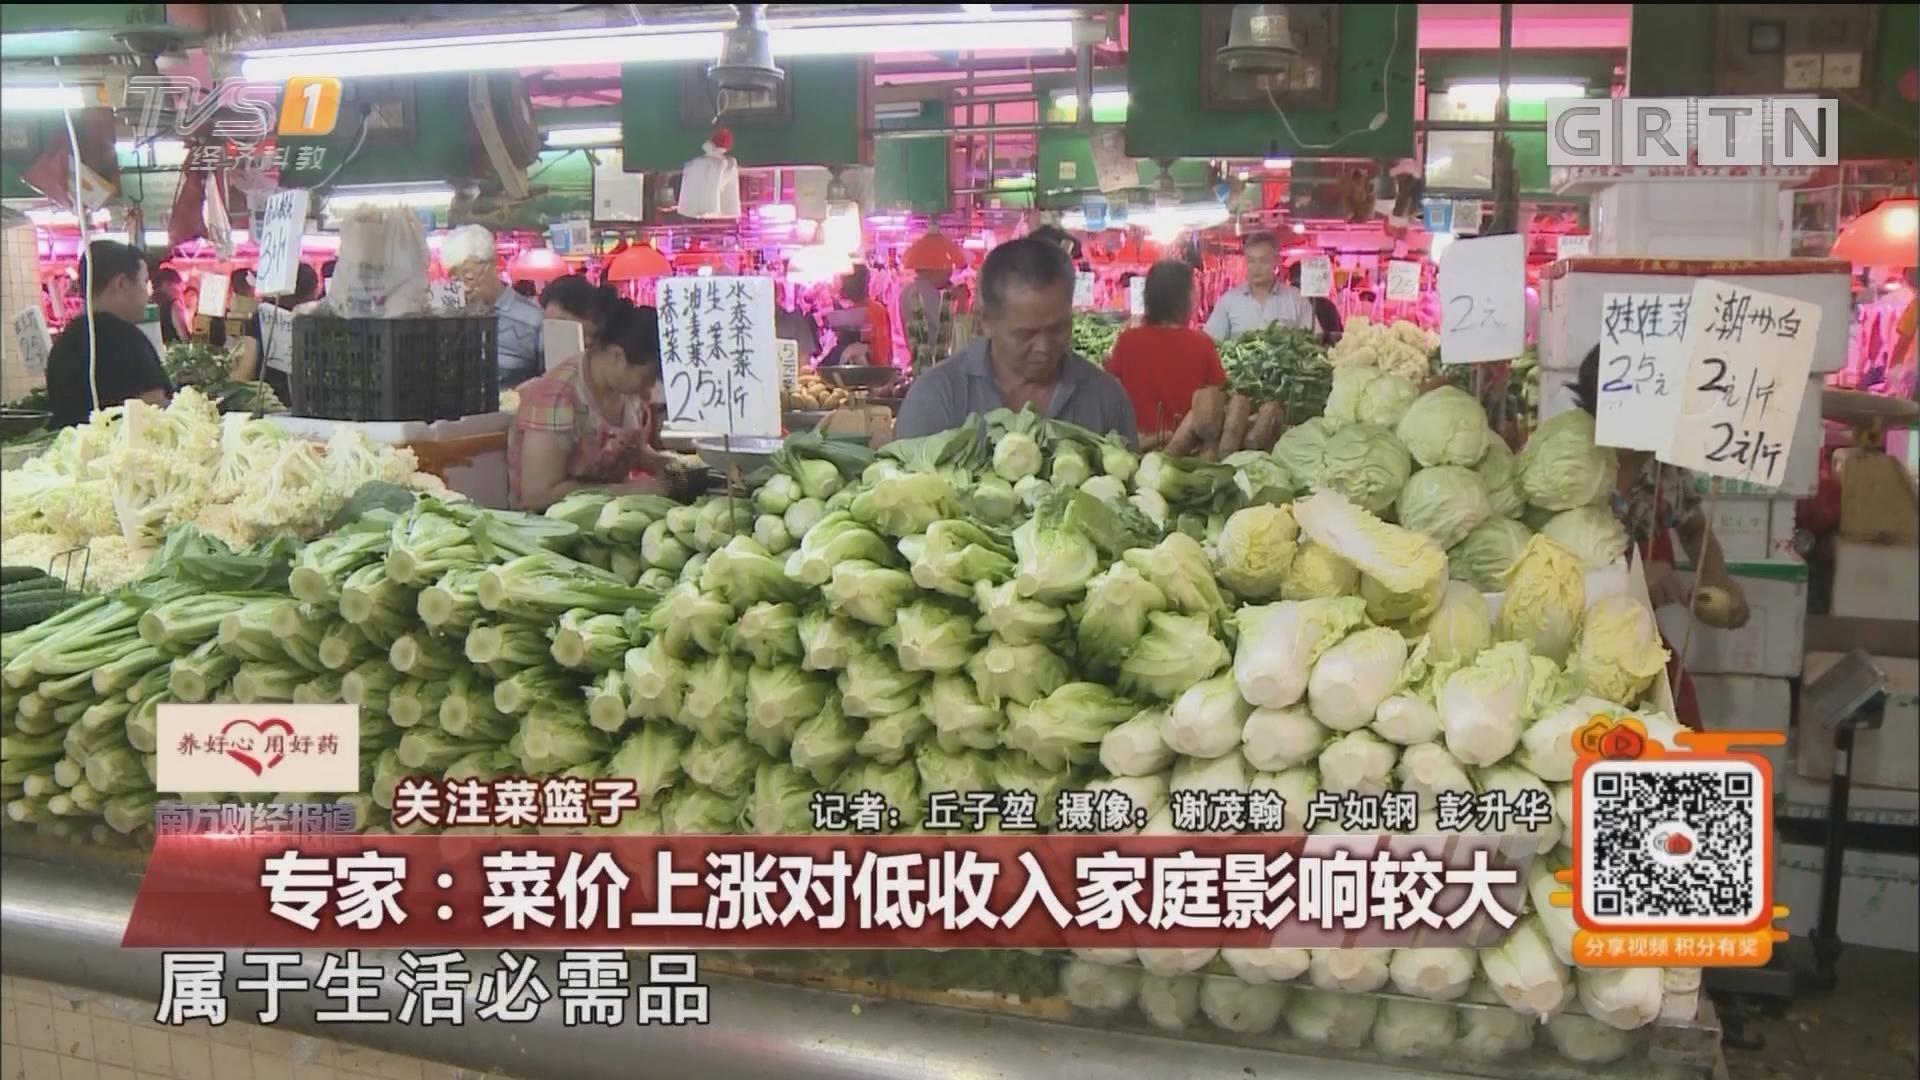 关注菜篮子 专家:菜价上涨对低收入家庭影响较大